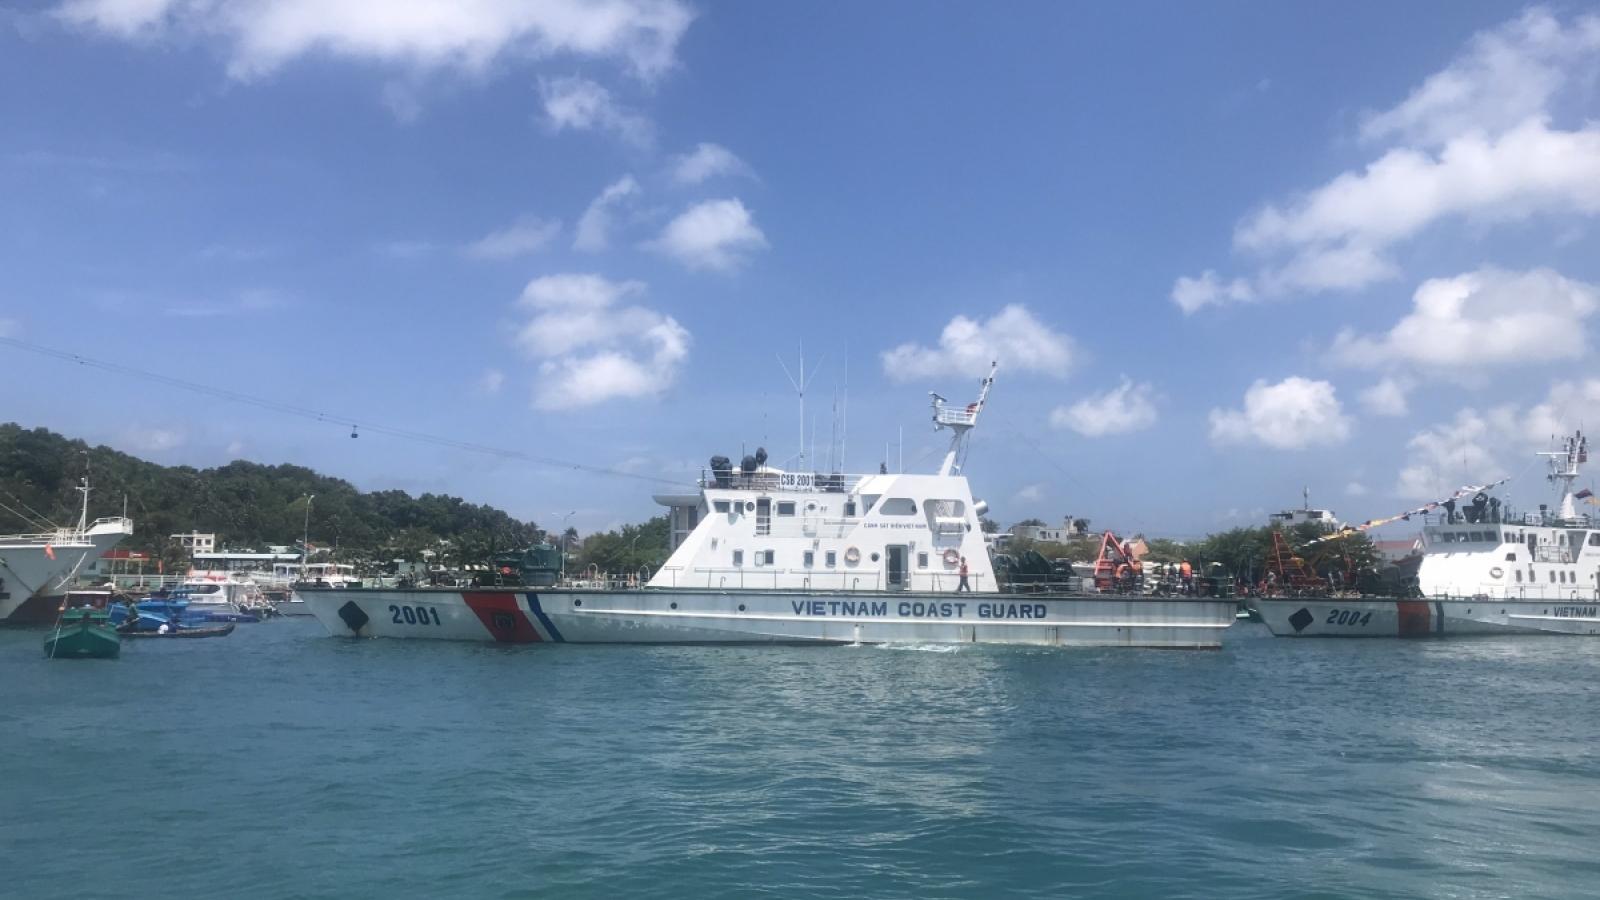 Tăng cường phối hợp, quản lý chặt biên giới trên vùng biển Tây Nam để phòng dịch